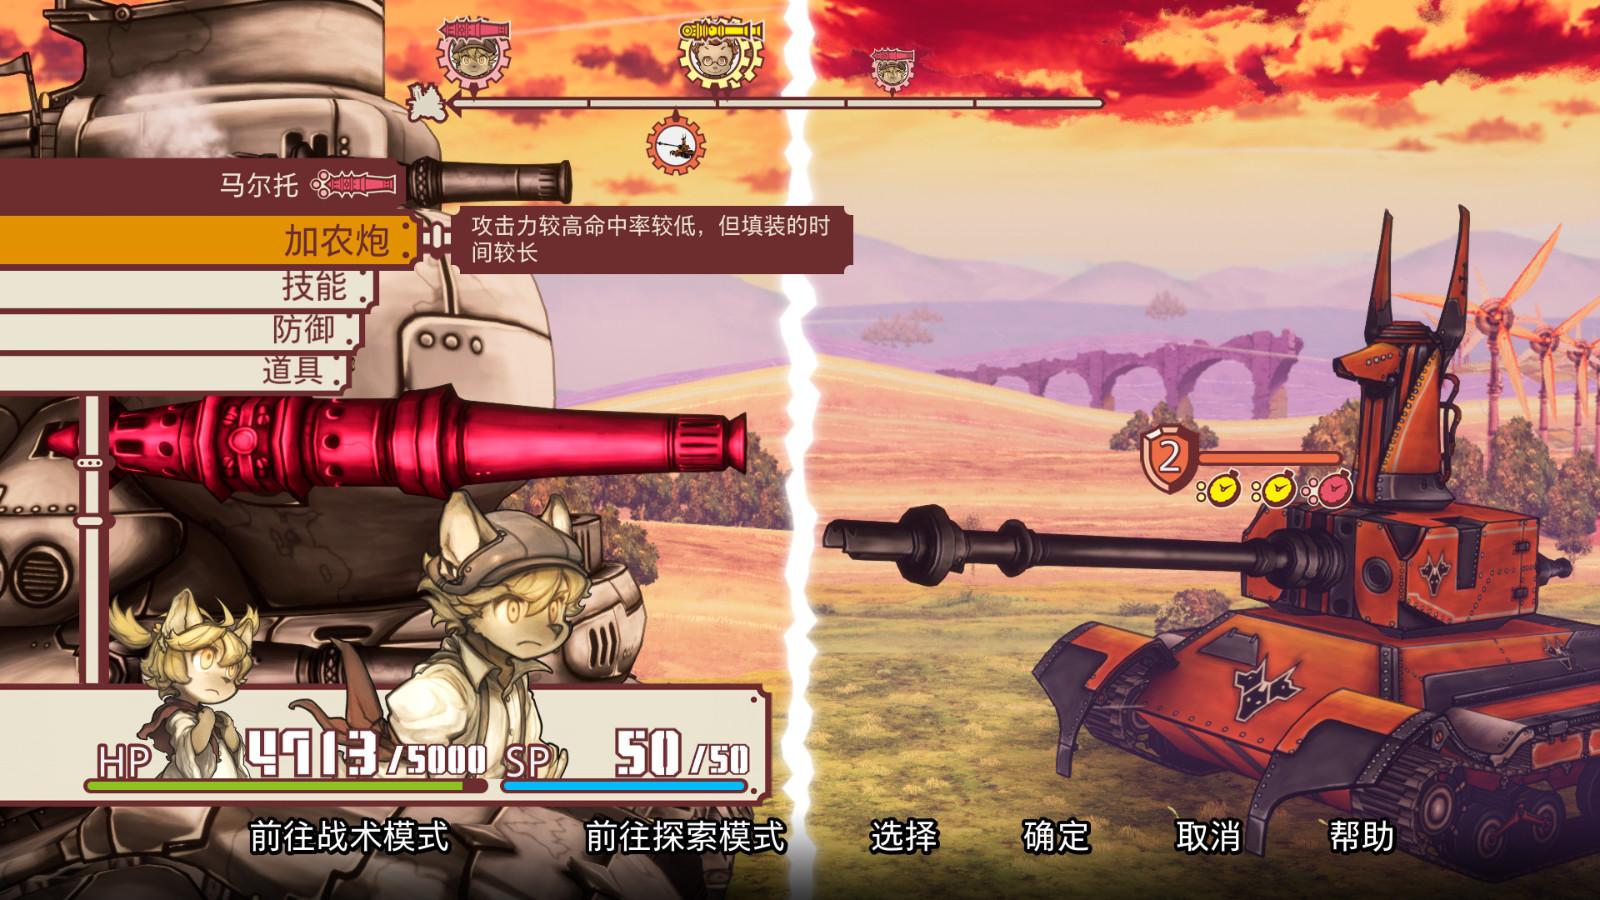 福瑞策略RPG《战场的赋格曲》将于7月29日发售